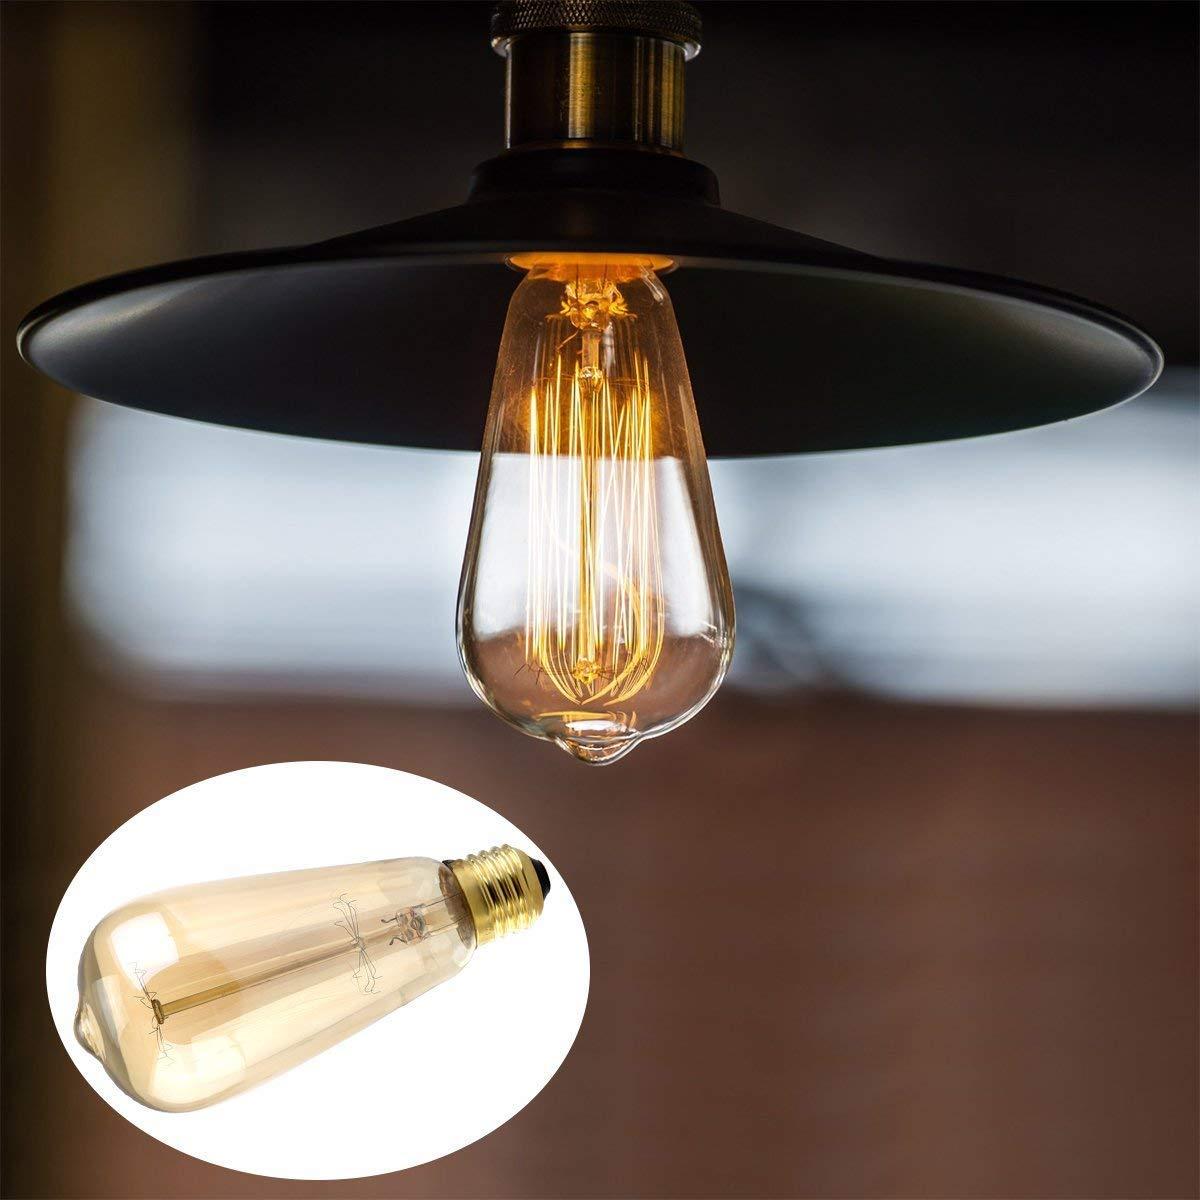 Edison Ampoule Edison Vintage Ampoule E27 40W D/écorative Ampoule Incandescence R/étro Edison Ampoule Antique Lampe Id/éale pour Salon Caf/é Lustres Pafonds Murs 3 Pack